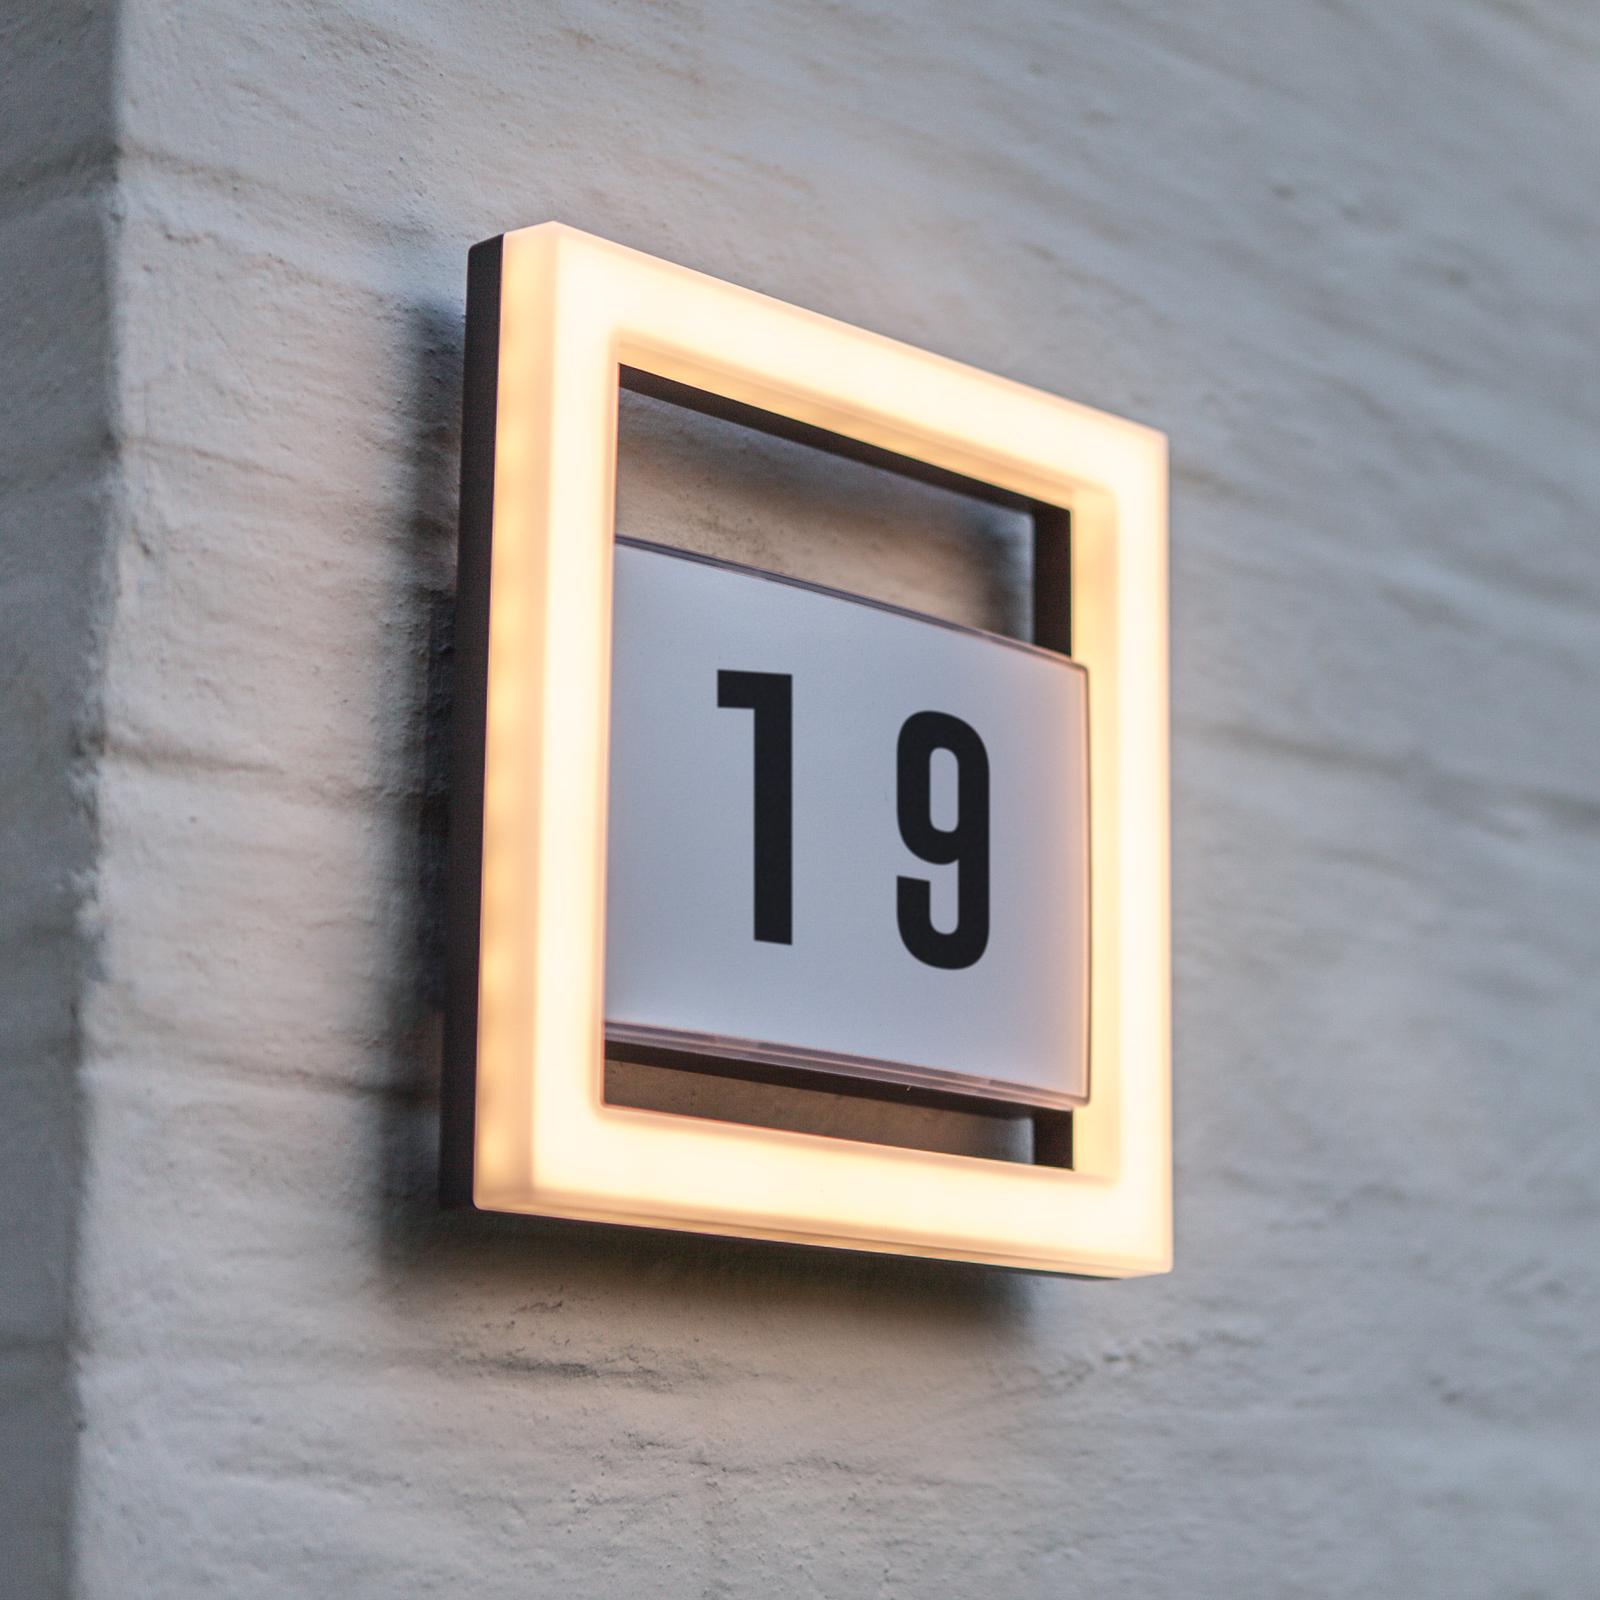 LED-husnummerlampa Alice utan sensor